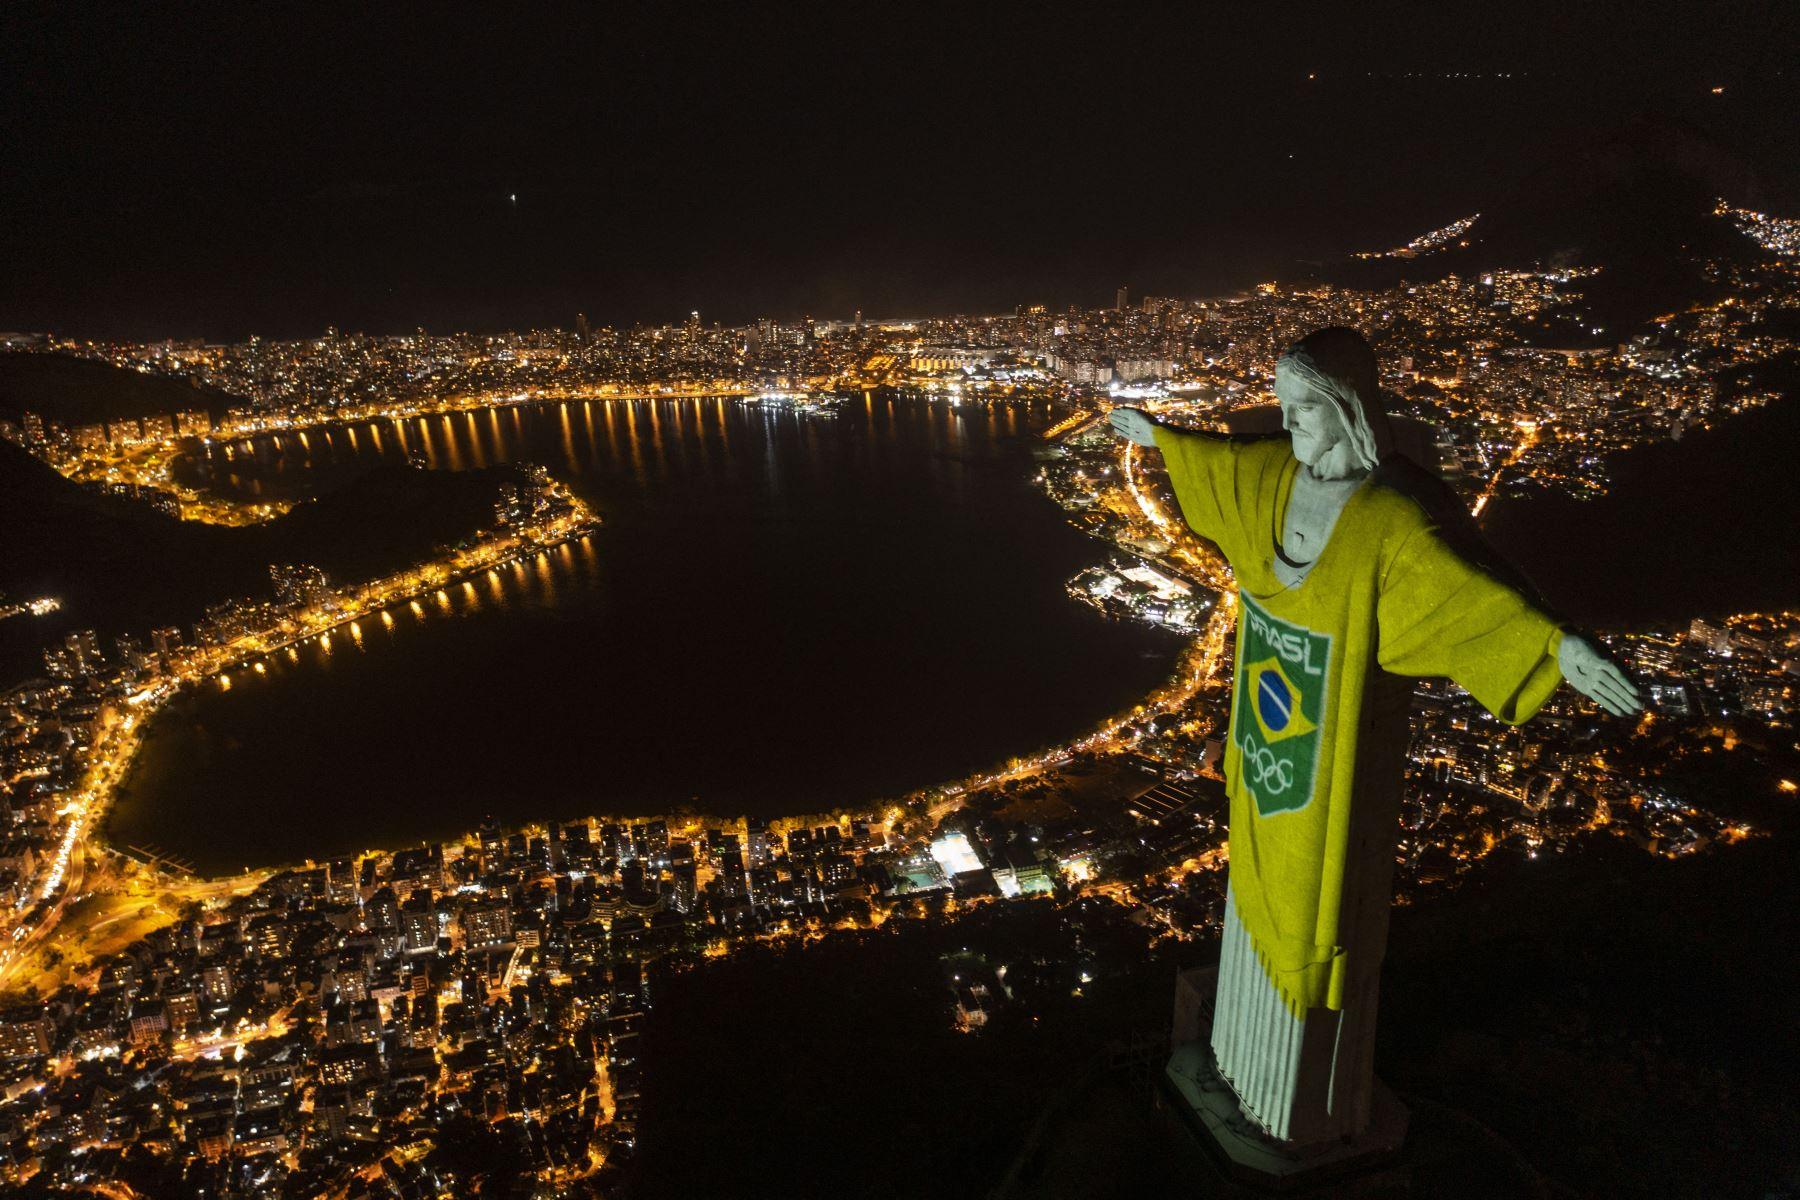 Vista aérea de la estatua del Cristo Redentor iluminada con los colores de la bandera brasileña y flechas olímpicas para marcar los 100 días hasta los Juegos Olímpicos de Tokio 2020 en Río de Janeiro, Brasil. Foto: AFP